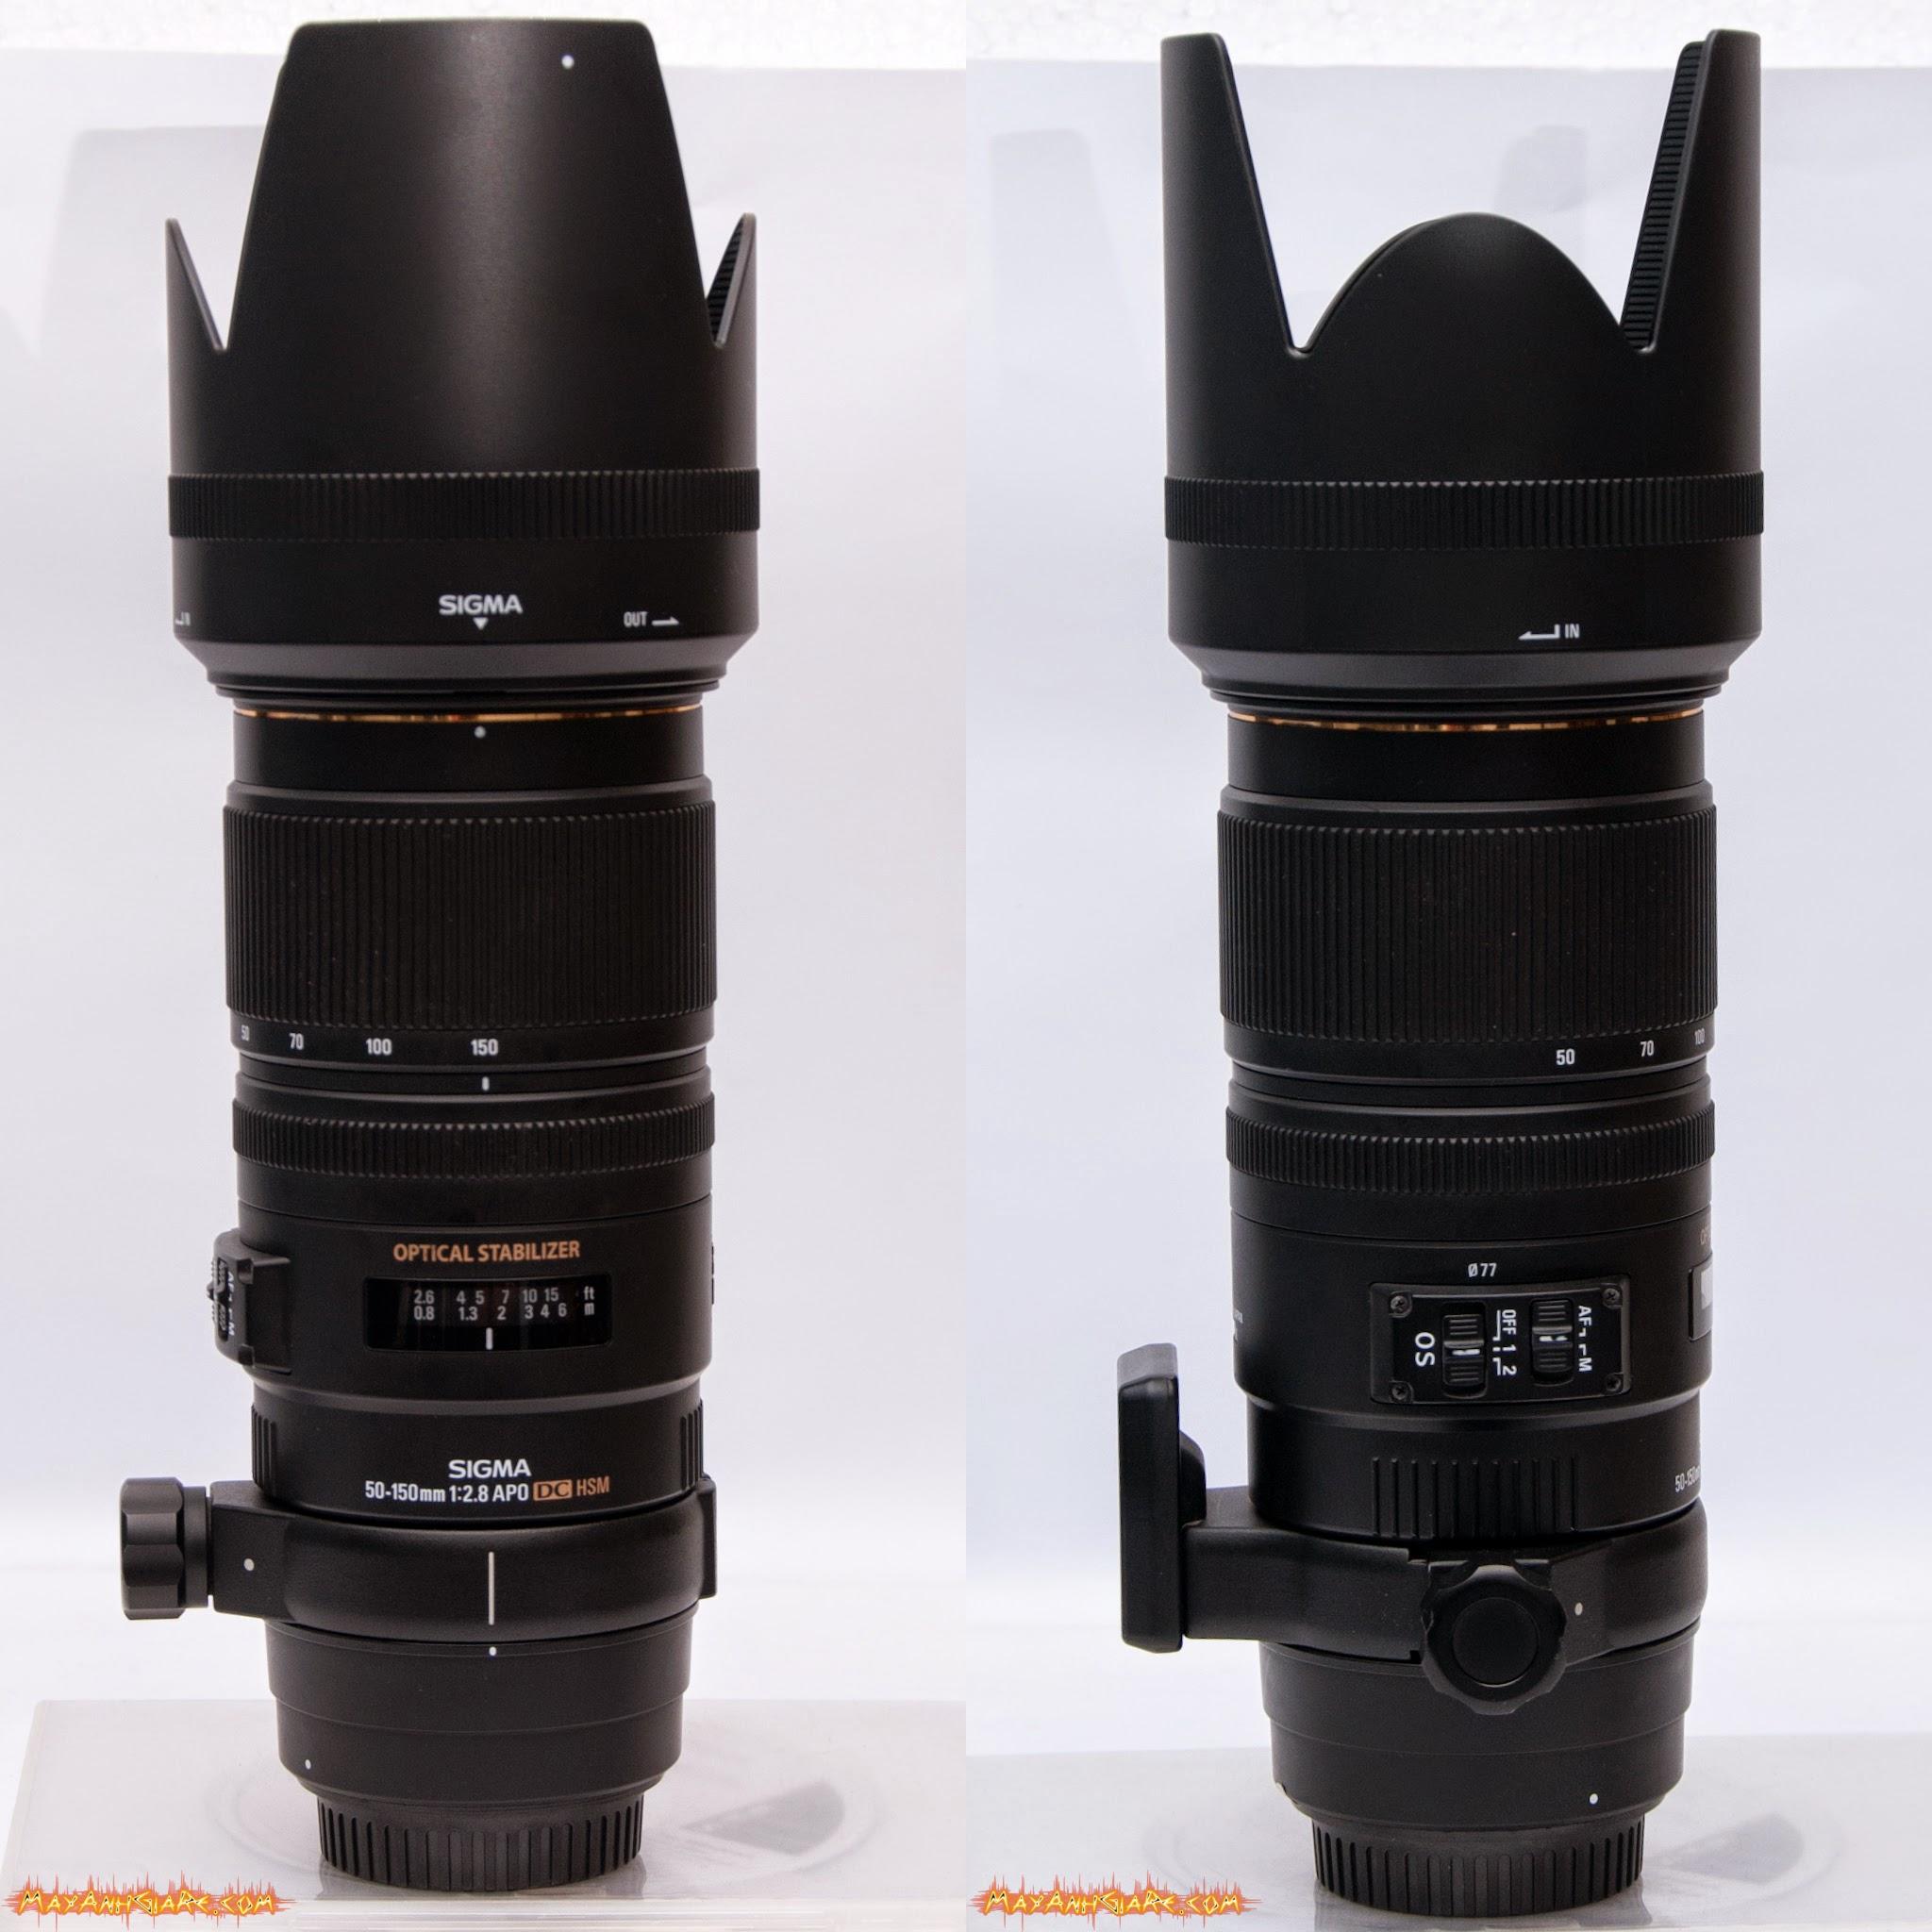 » Toàn quốc - Mayanhgiare.com: Sigma 50-150 f2.8 EX DC OS HSM APO EF-S Crop 1.3 for Canon  bảo hành 3-12th Hàng Mỹ bao giá rẻ nhất Việt Nam! (Sigma 50-150 2.8 for Canon)